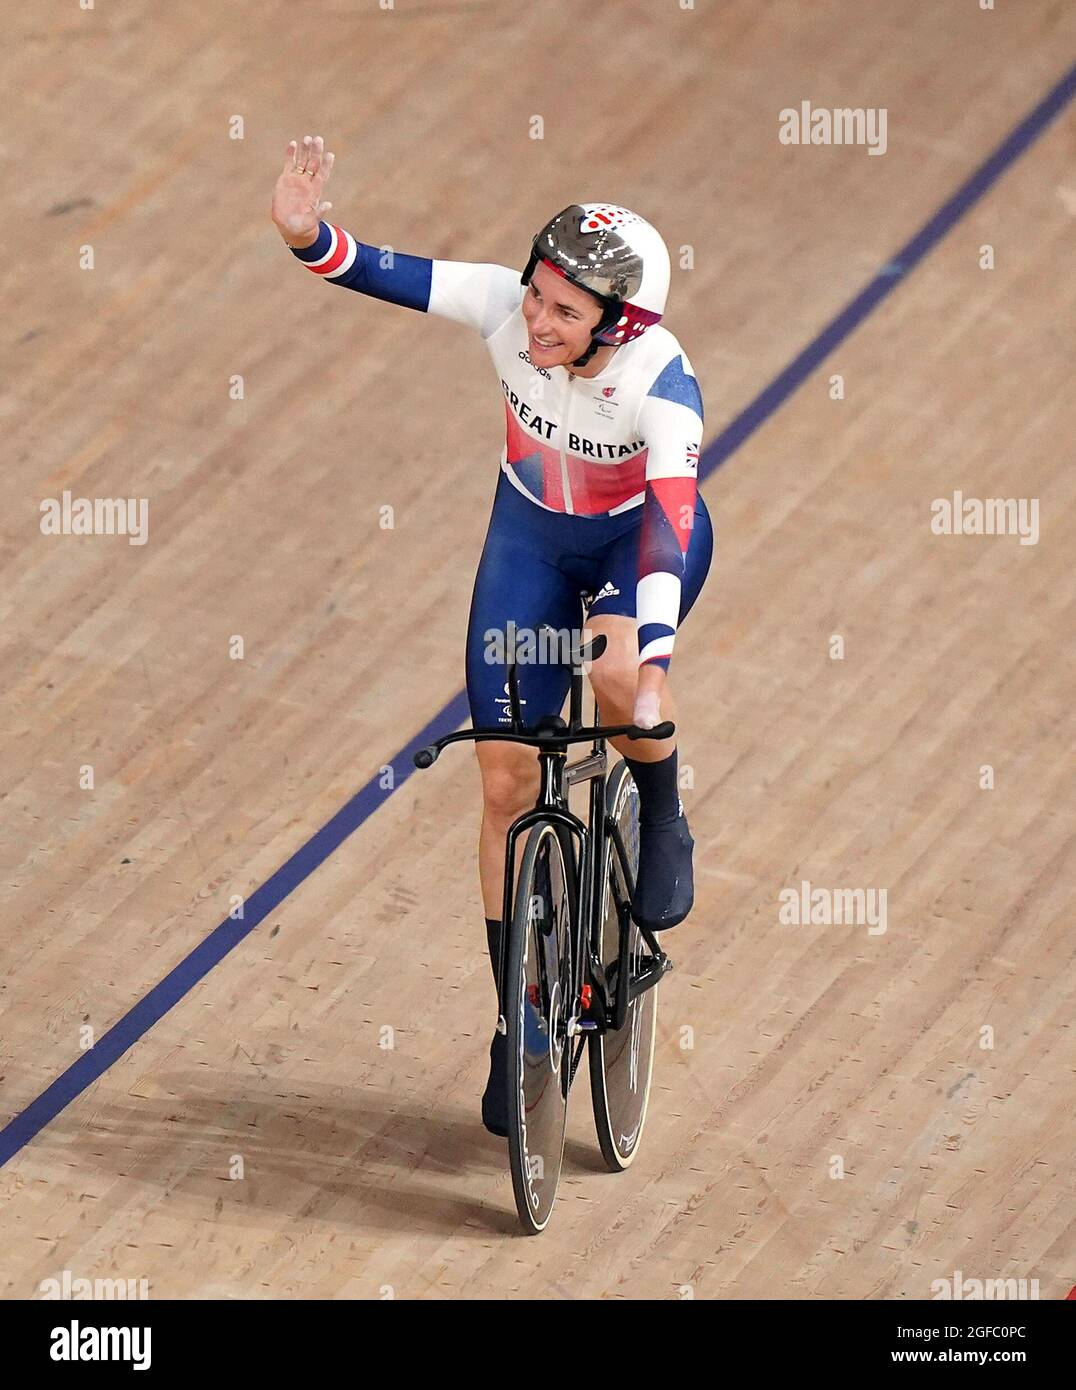 Die britische Dame Sarah Story feiert den Goldsieg bei der Einzeljagd der Frauen im C5 3000 m-Lauf während des Track Cycling auf dem Izu Velodrome am ersten Tag der Paralympischen Spiele in Tokio 2020 in Japan. Bilddatum: Mittwoch, 25. August 2021. Stockfoto